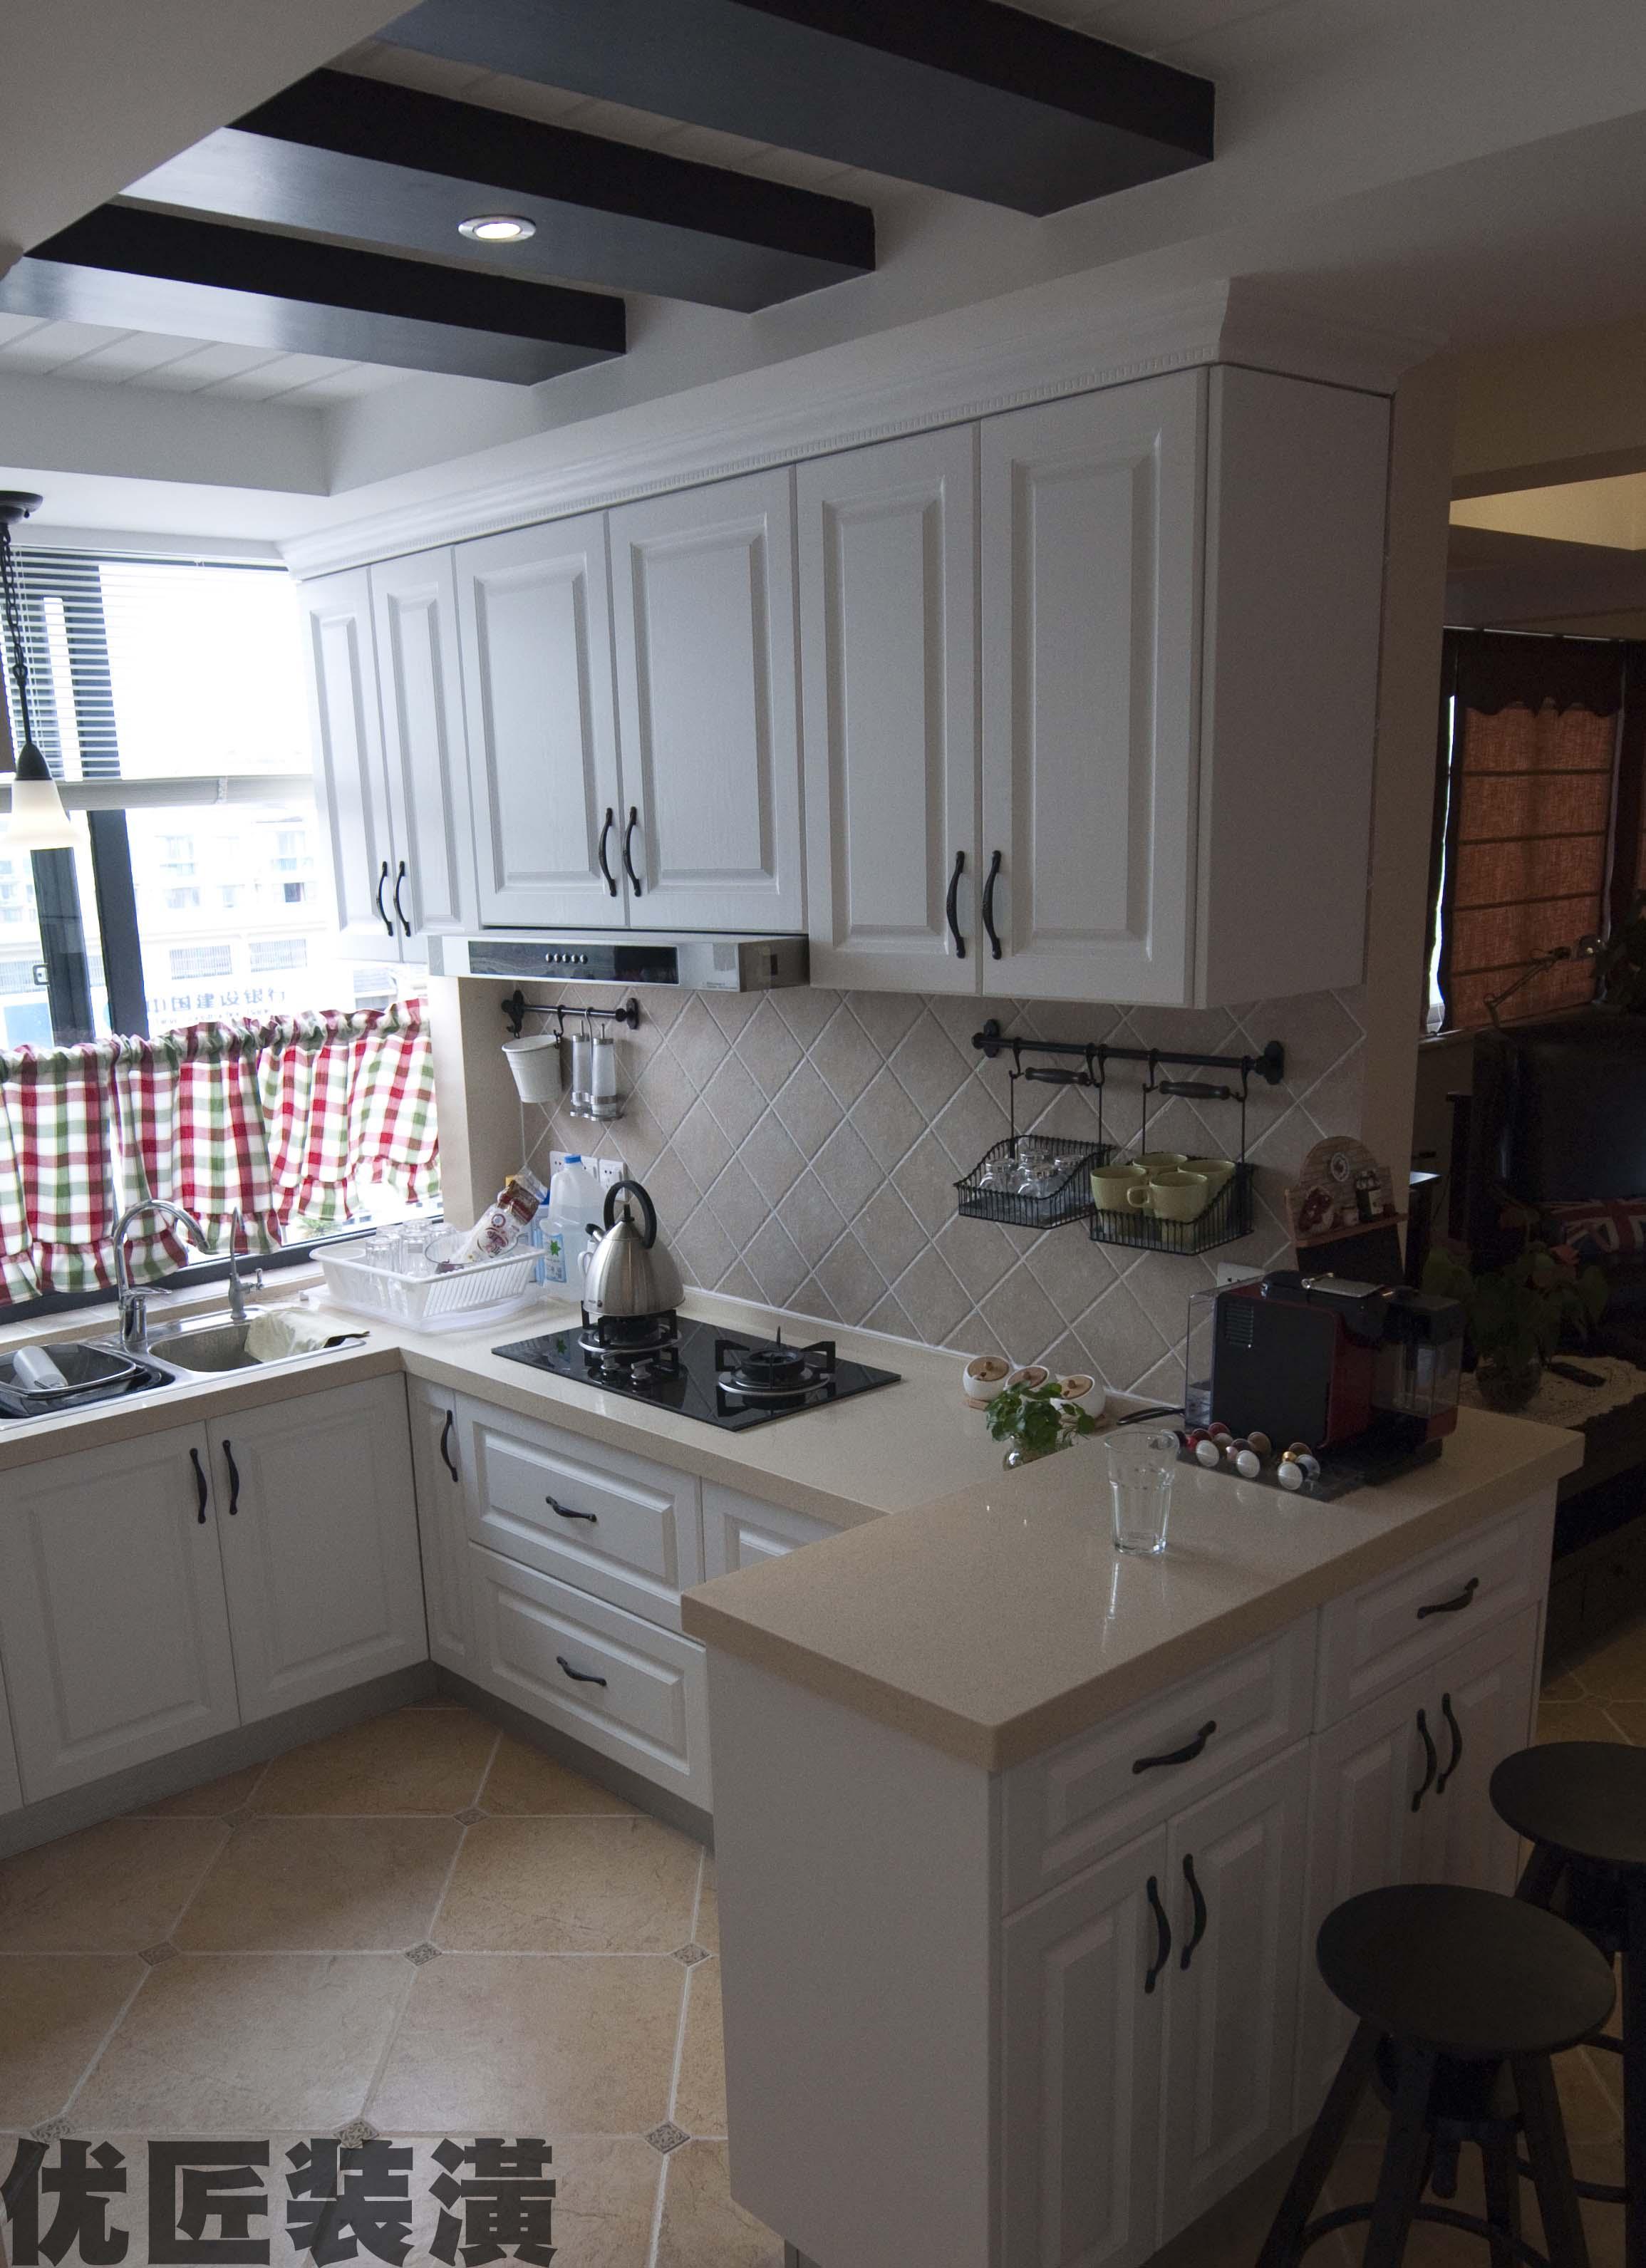 半开放式装修效果图_简约半开放式厨房装修效果图大全